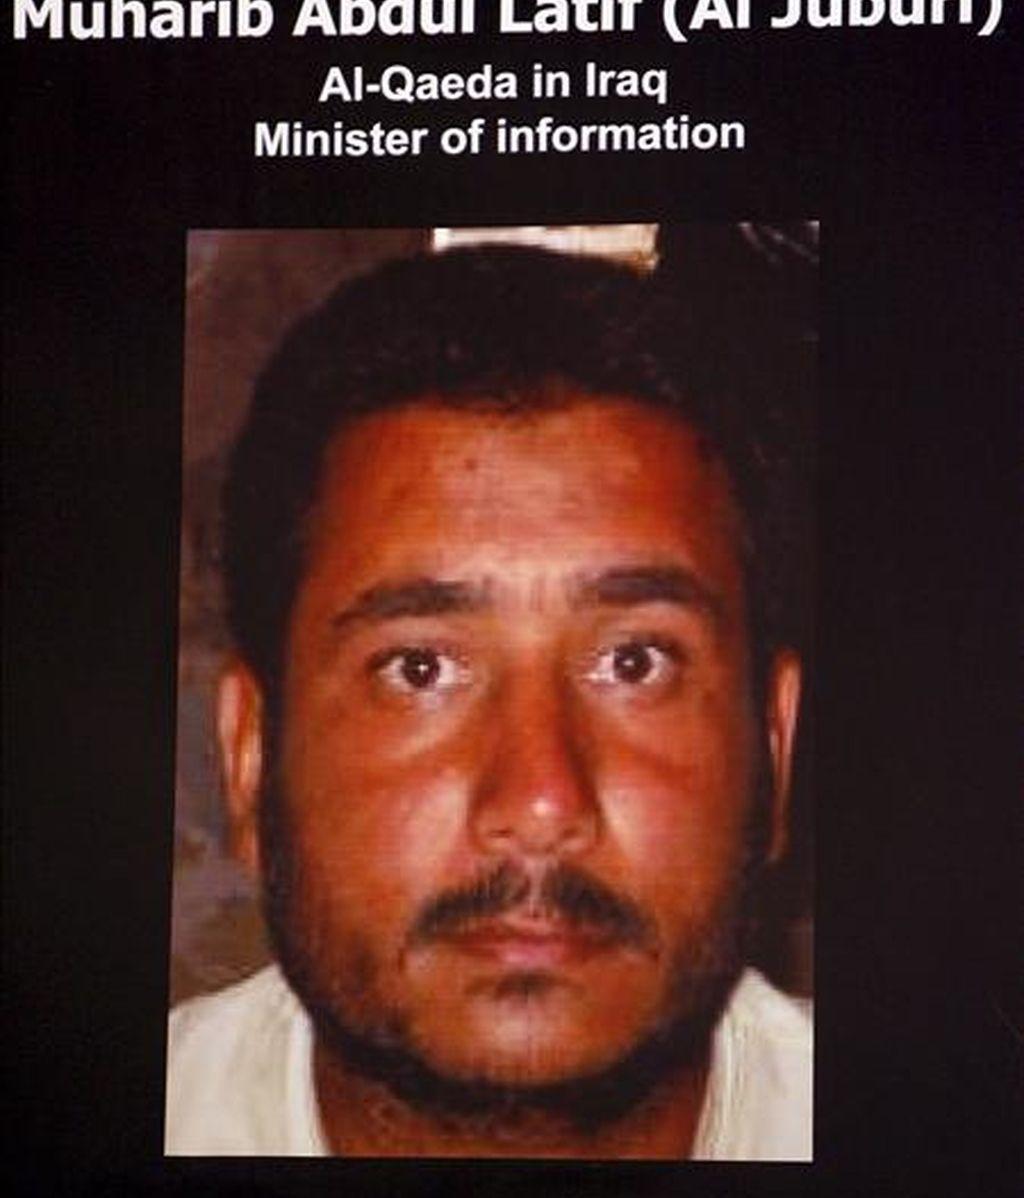 """Foto mostrada en mayo de 2007 por el portavoz del ejército de EEUU en Bagdad, William Caldwell, durante una rueda de prensa en Bagdad del """"ministro de información"""" de Al Qaeda en Irak, a quien se identificó como Muharib Abdulatif al-Juburi, también conocido como Abu Omar al-Baghdadi. EFE/Archivo"""